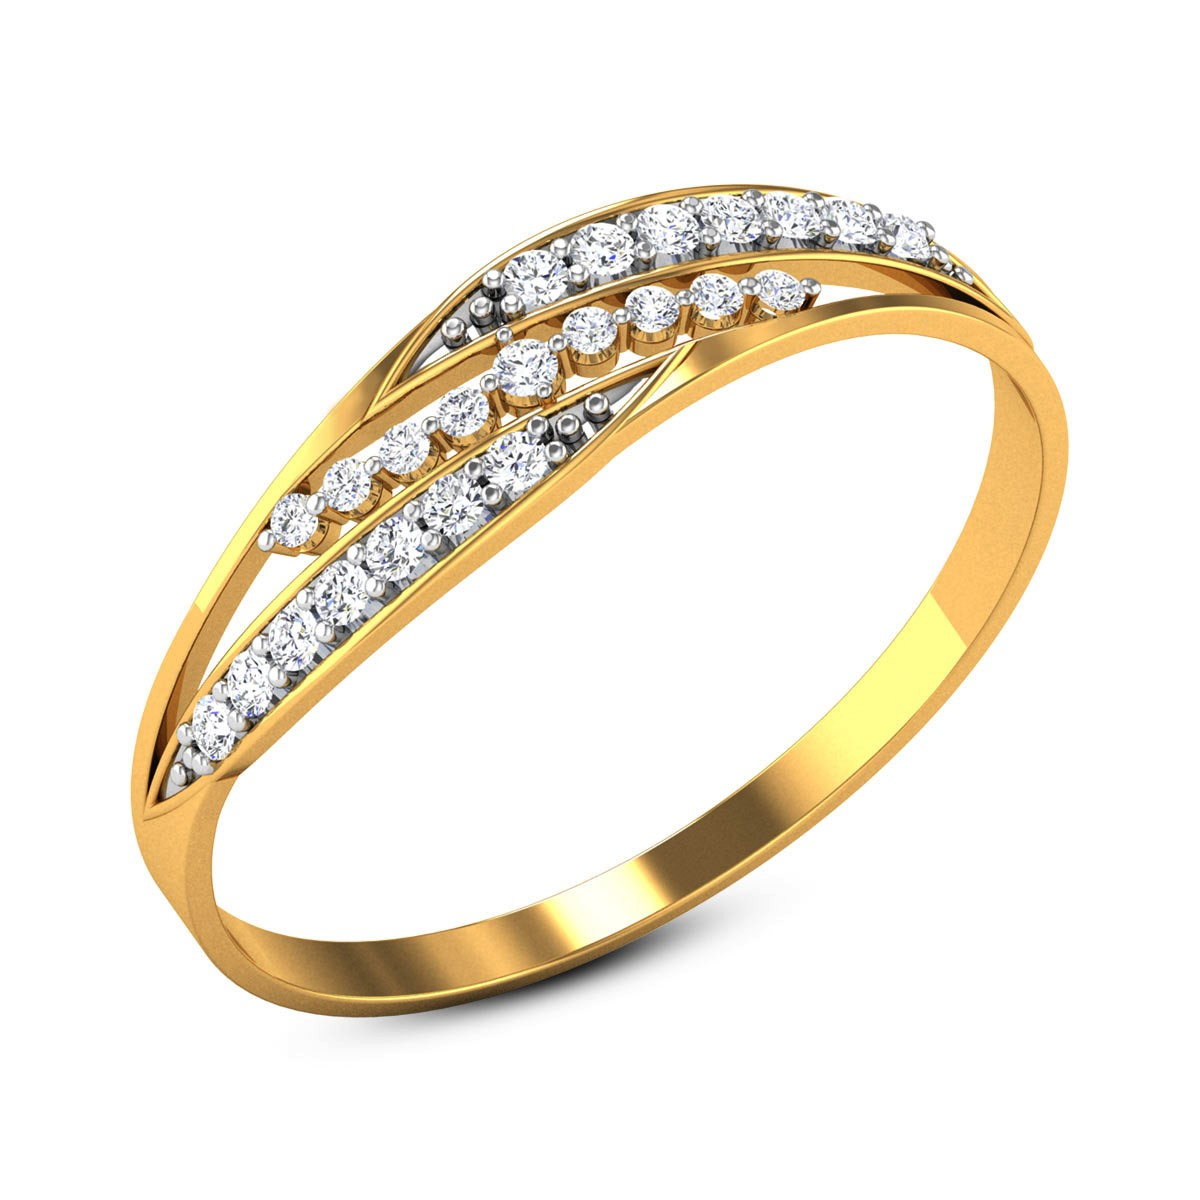 Geordie Diamond Ring